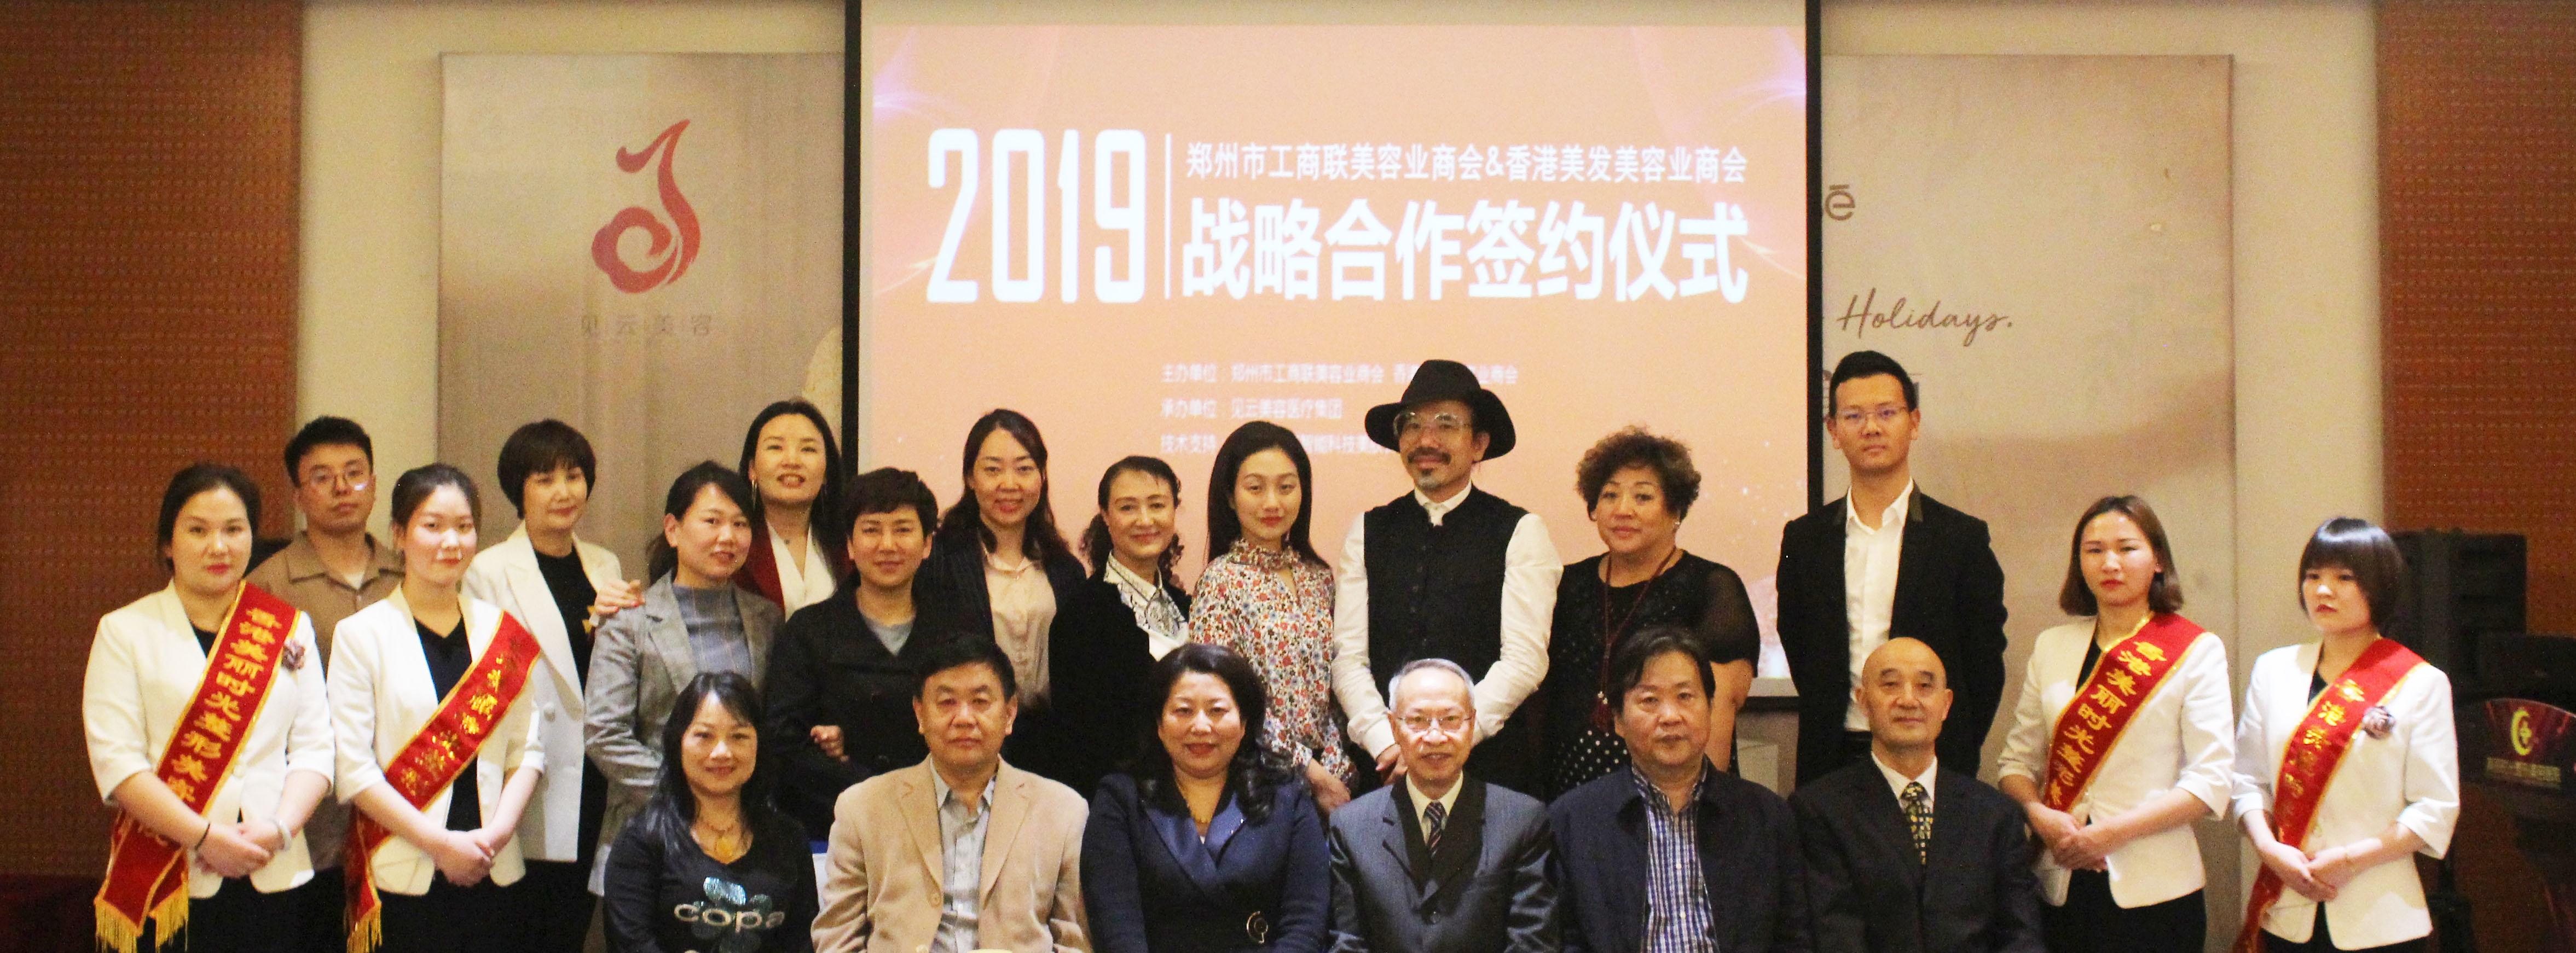 香港美发美容业商会和郑州工商联美容业商会签约仪式圆满成功